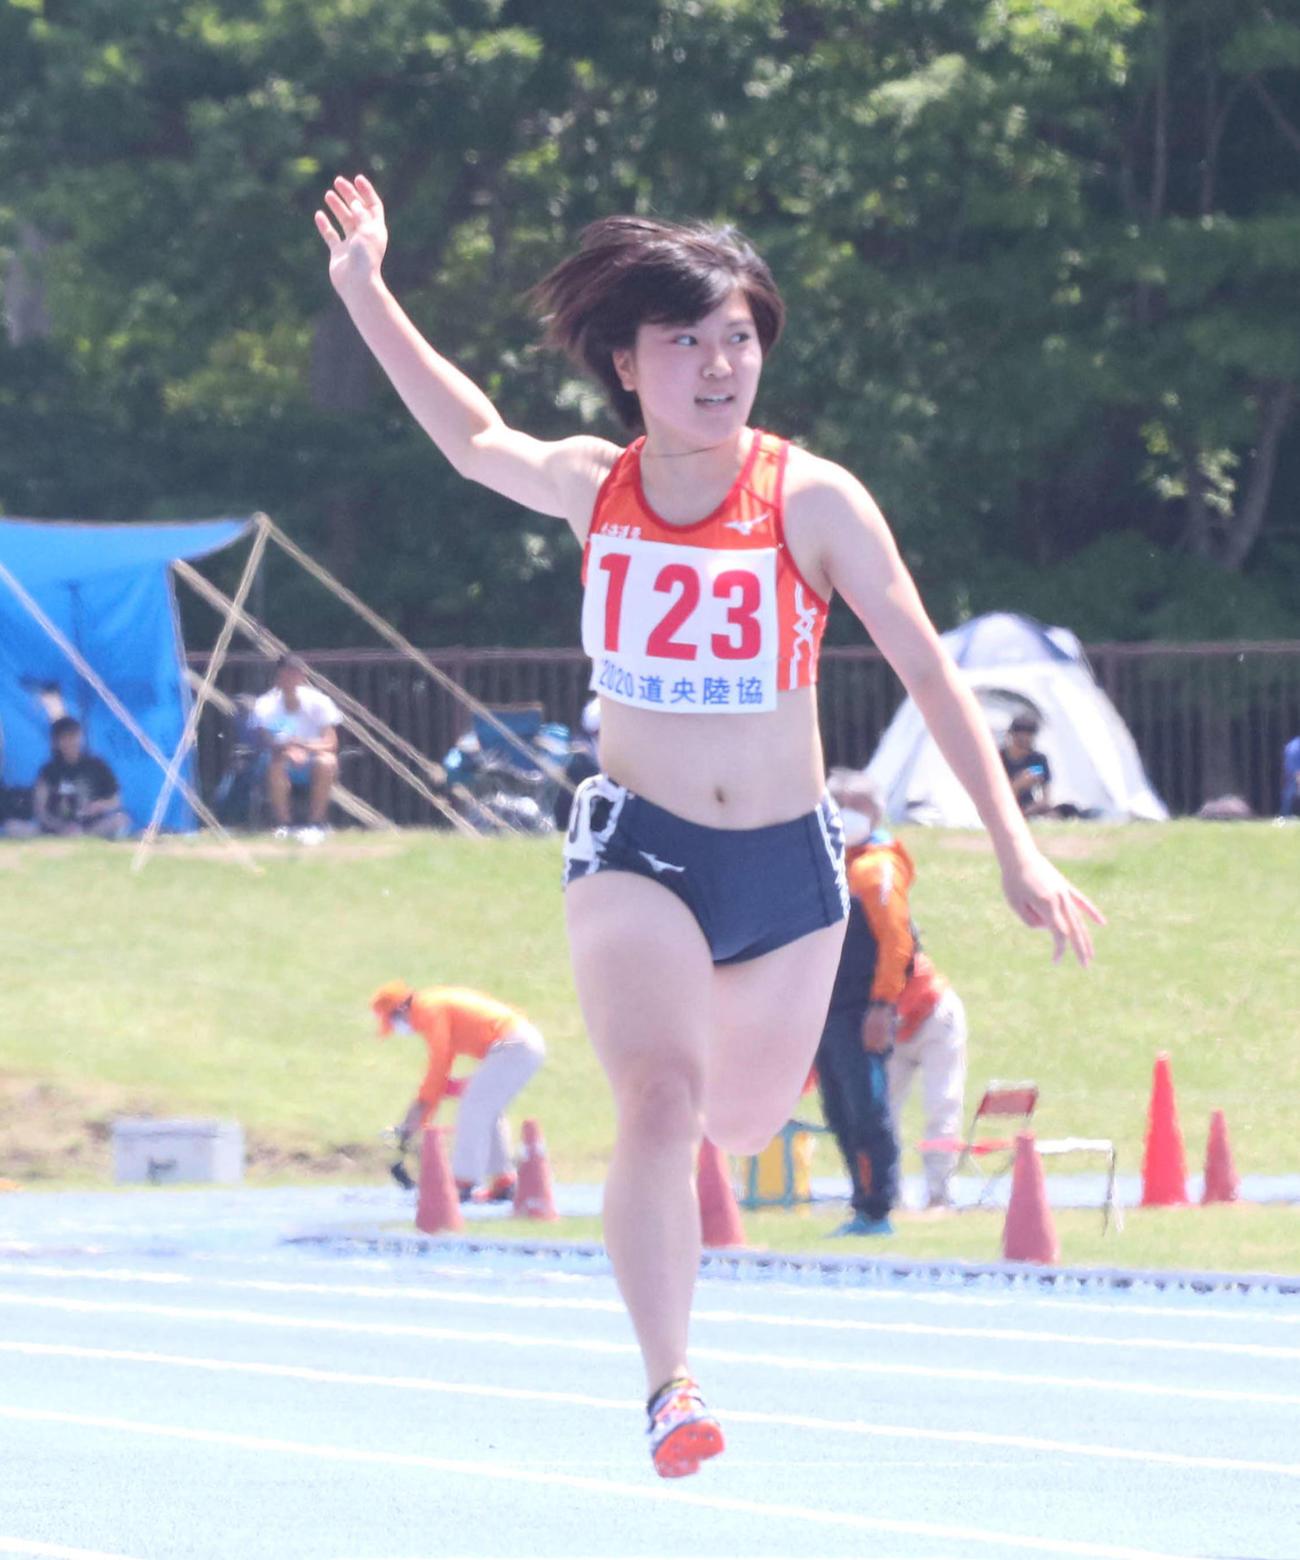 高校デビュー戦となった5日の道央記録会第1戦女子100メートルで追い風参考ながら全体トップの12秒08で好走した北海道栄・納村(撮影・浅水友輝)